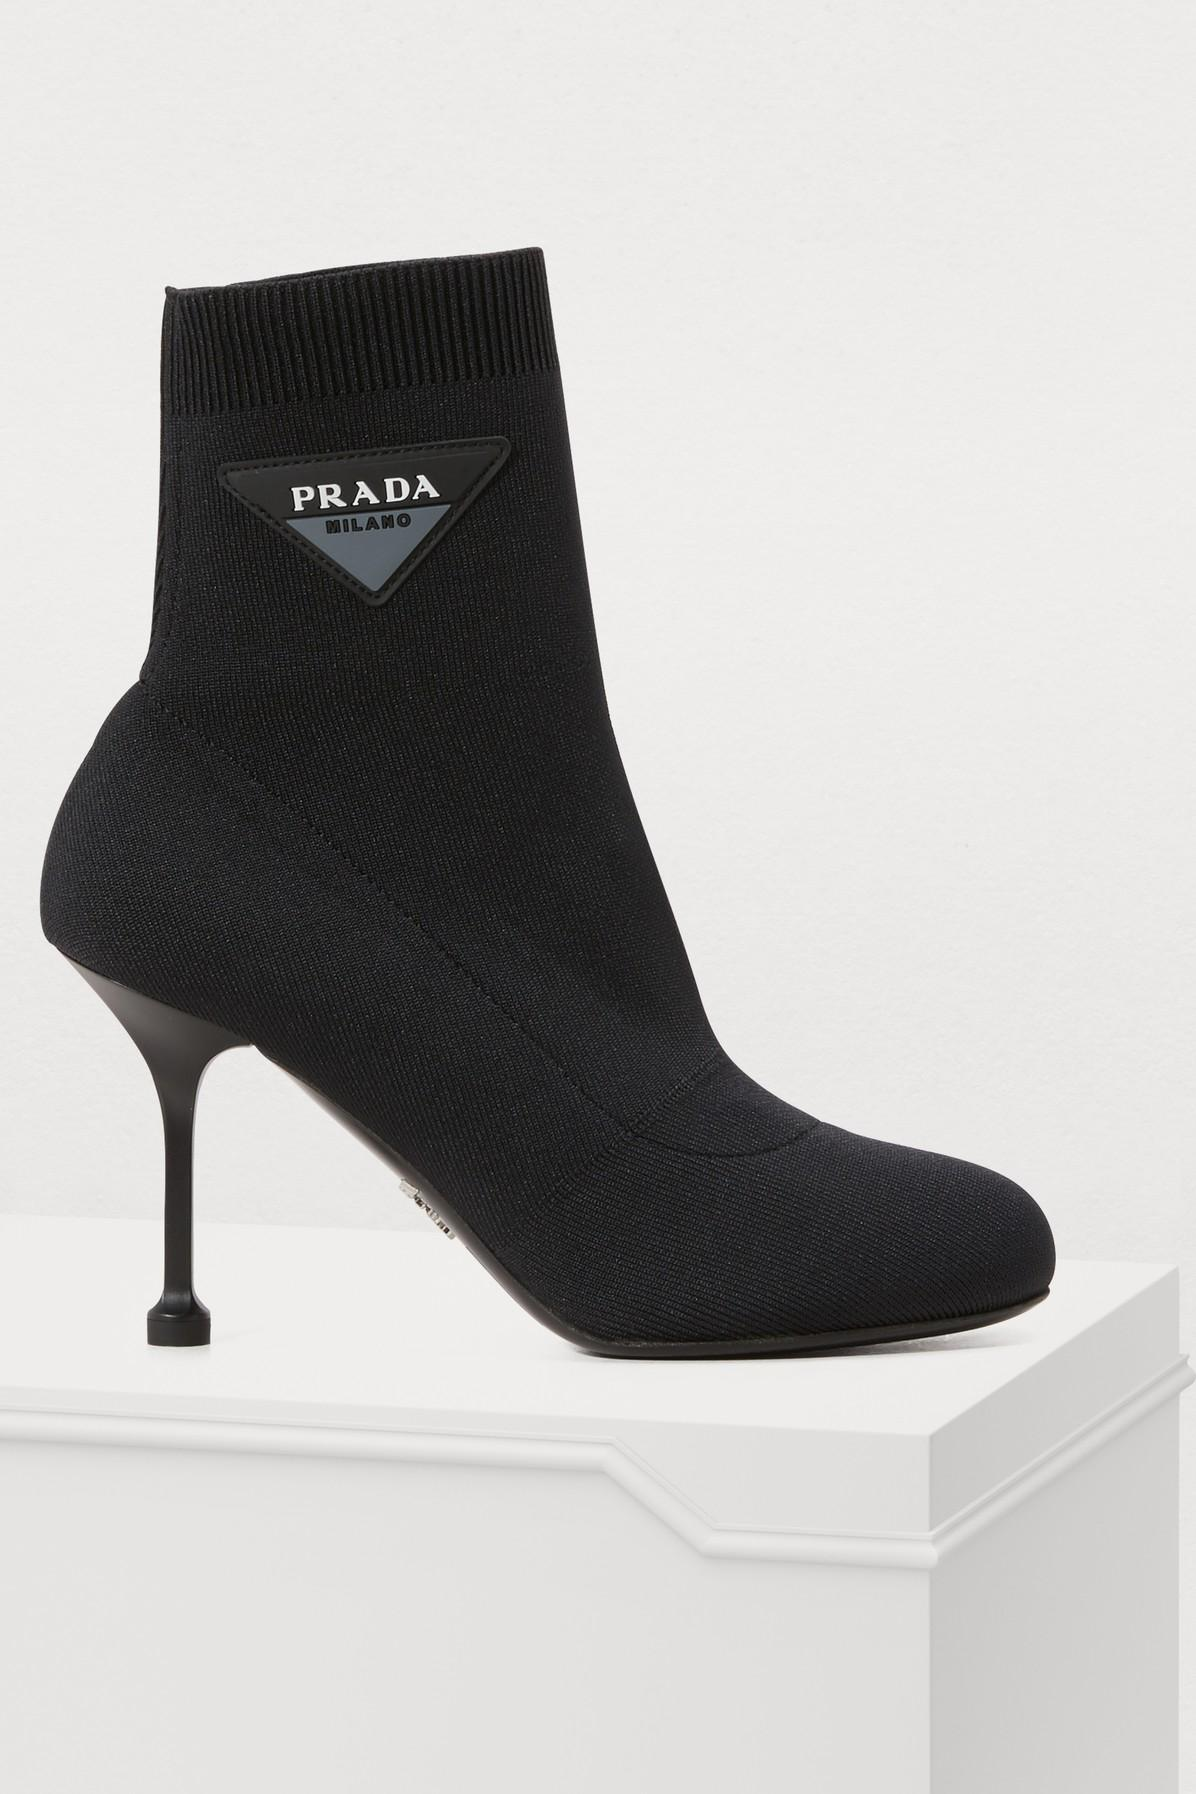 d78ada96f661 Prada - Black Knit Ankle Boots - Lyst. View fullscreen